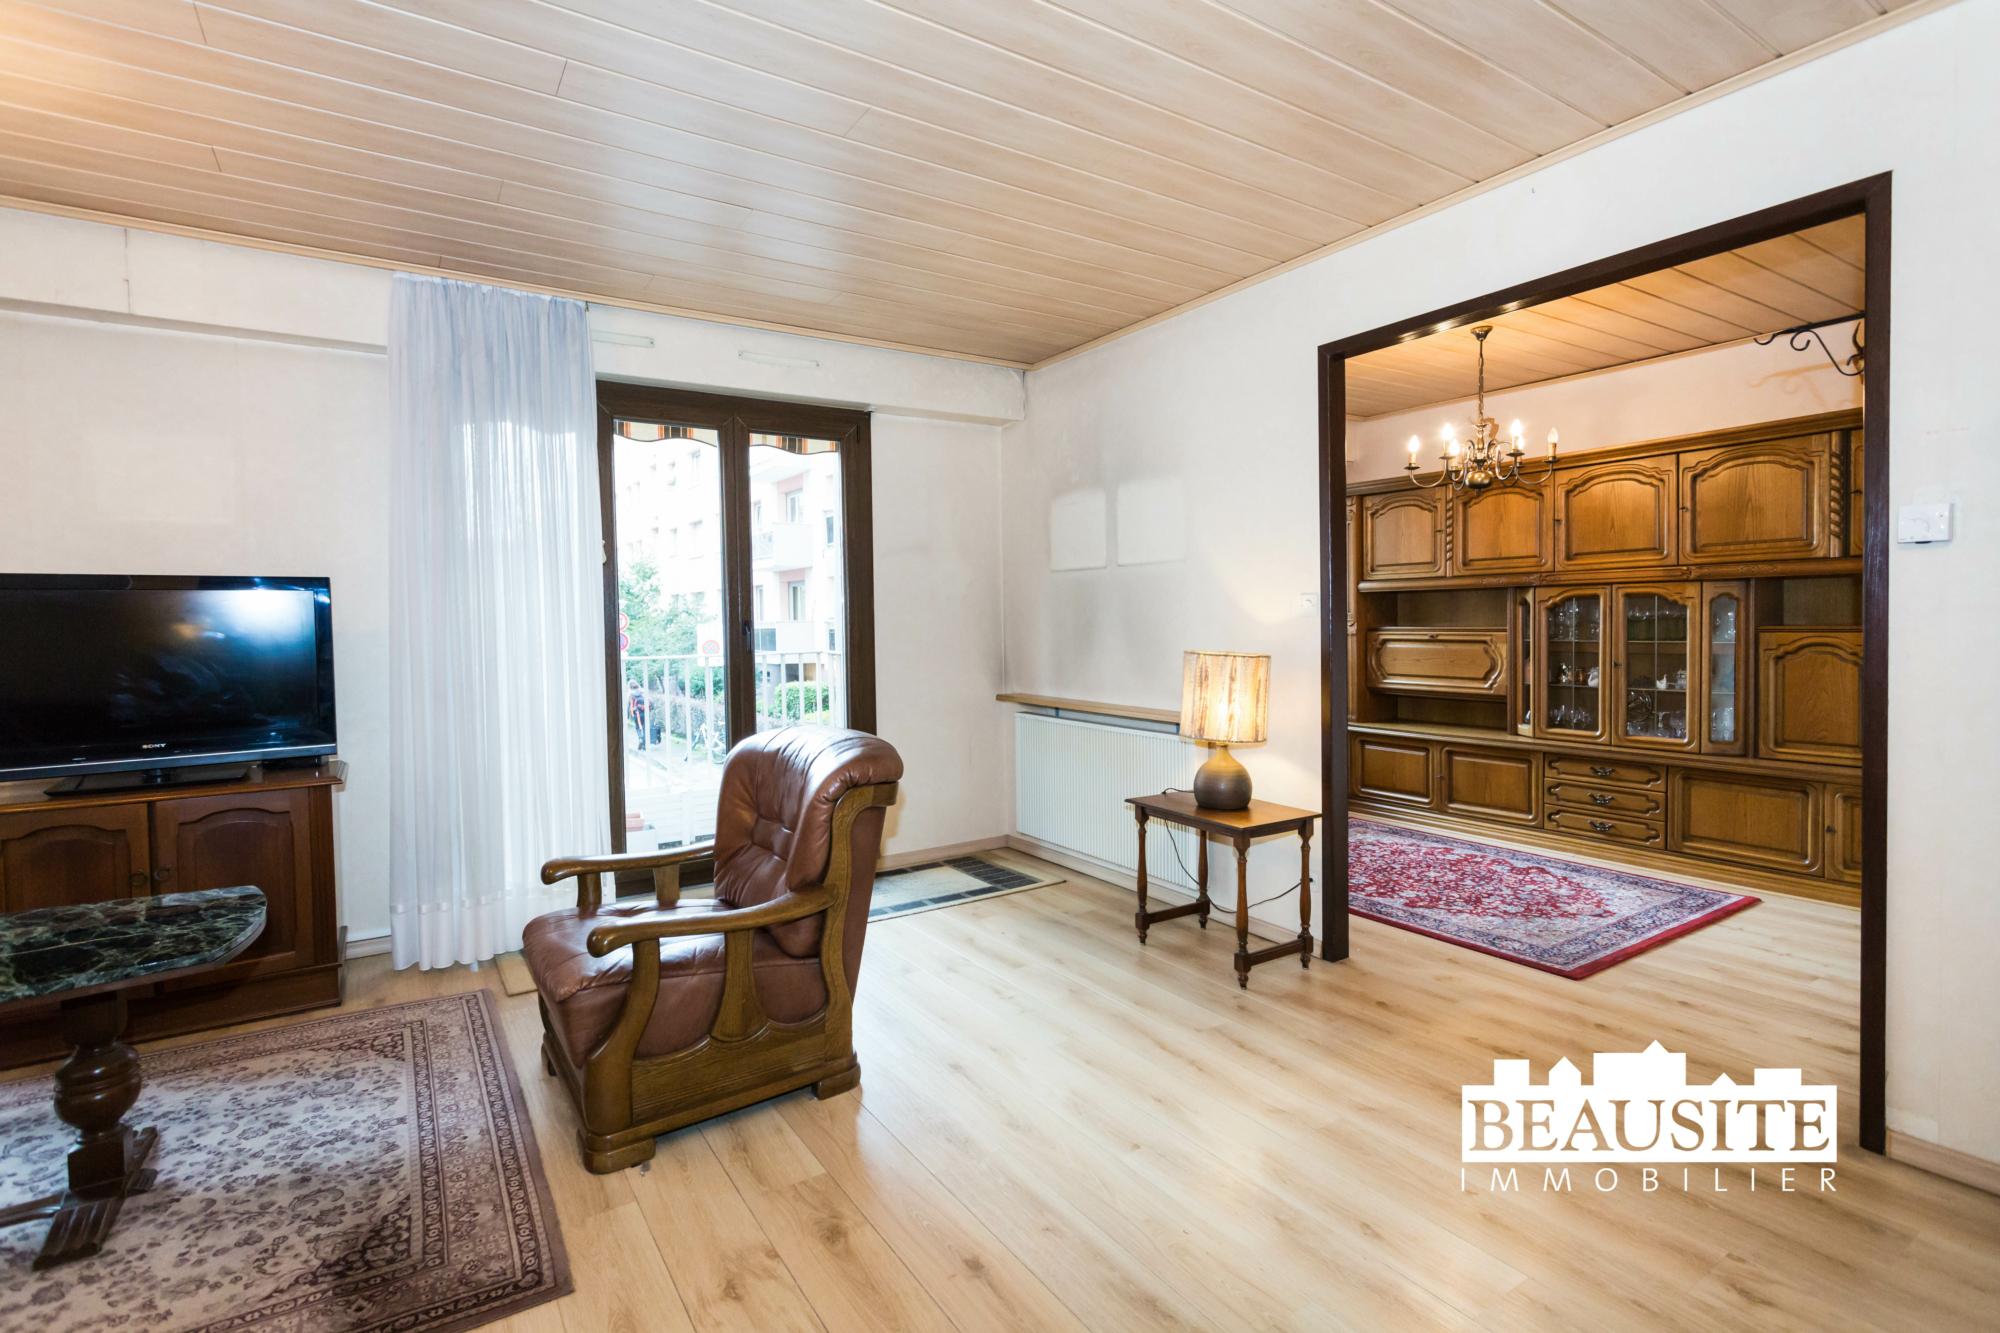 [Tonton] Un appartement familial avec balcon et garage - Neudorf / rue Saint-Amarin - nos ventes - Beausite Immobilier 2